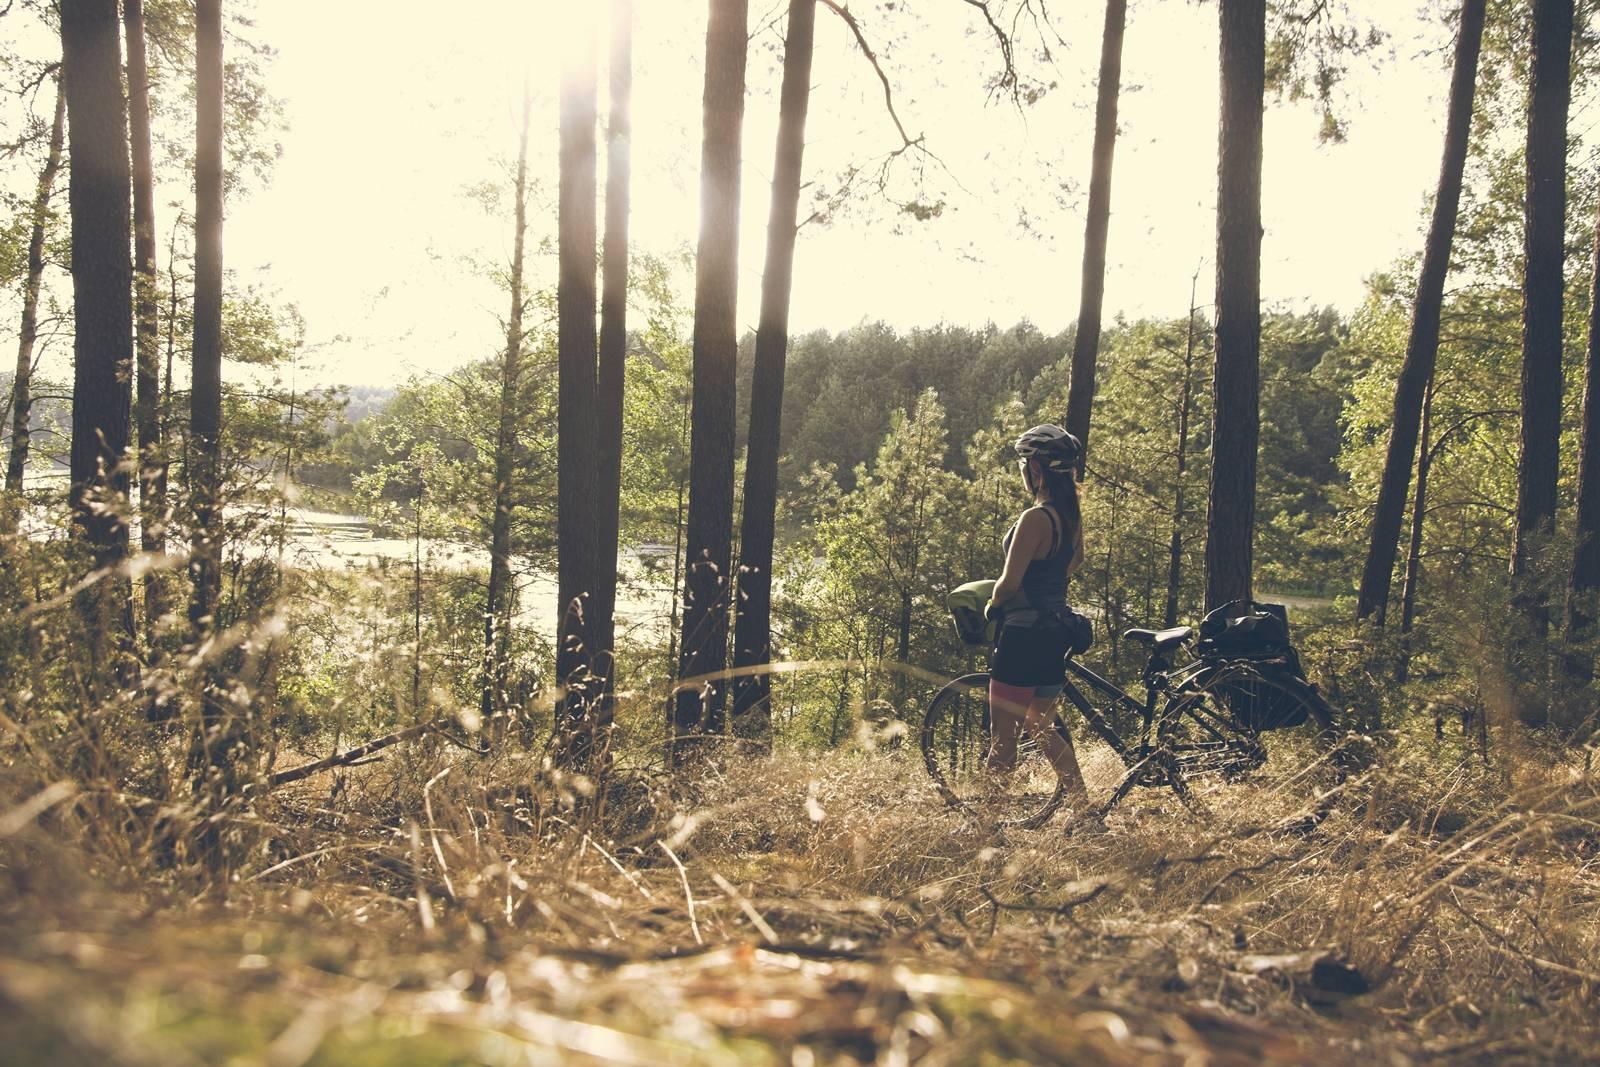 trasa rowerowa wokol jeziora koronowskiego petla wokol jeziora koronowskiego trasa rowerowa bydgoszcz koronowo